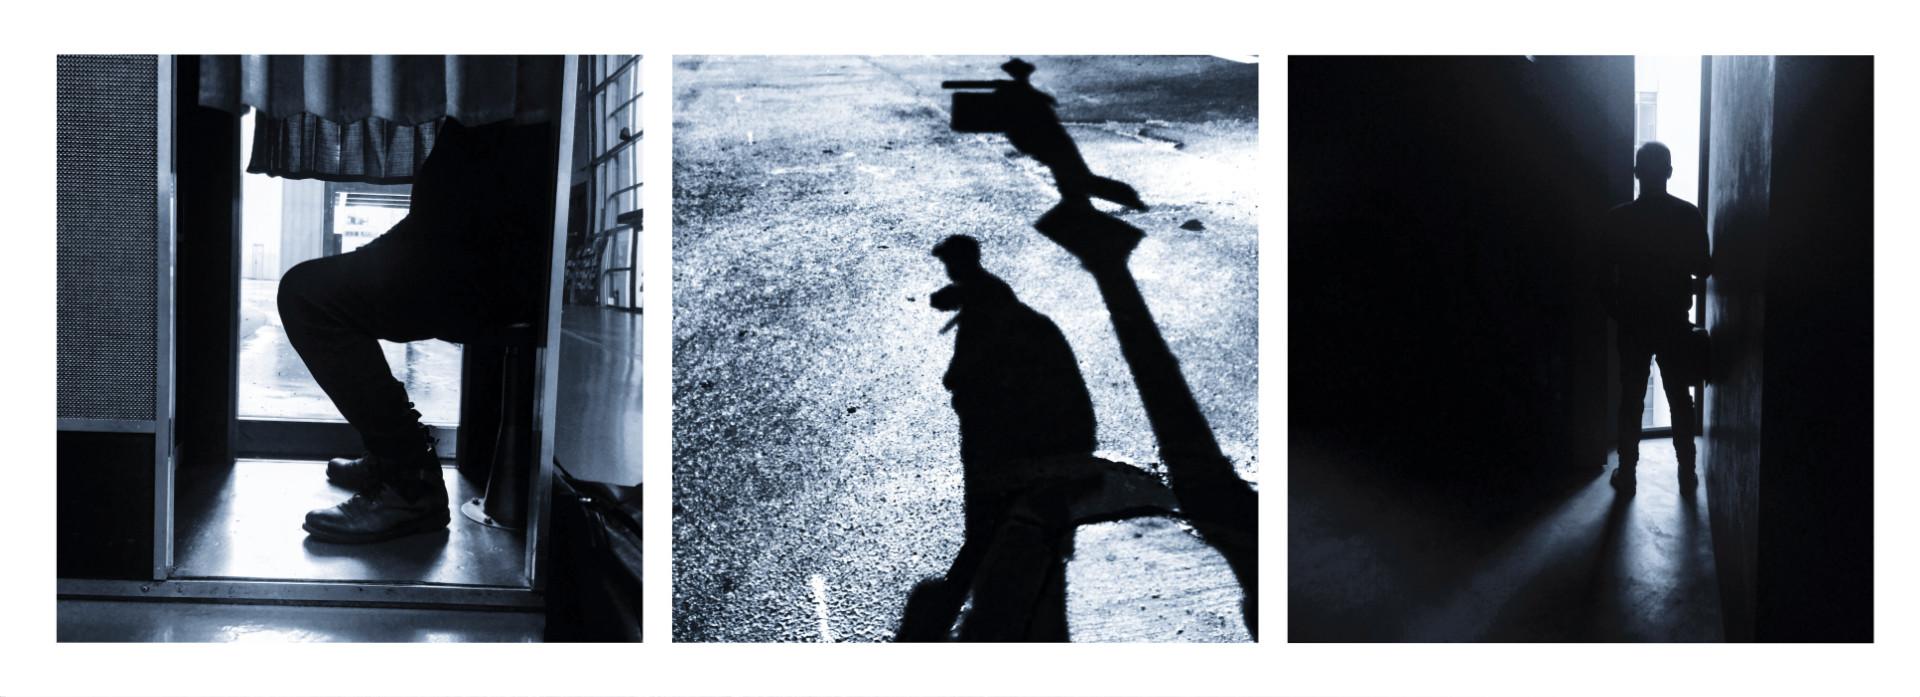 Un homme- La bande song - Samuel Rozenbaum